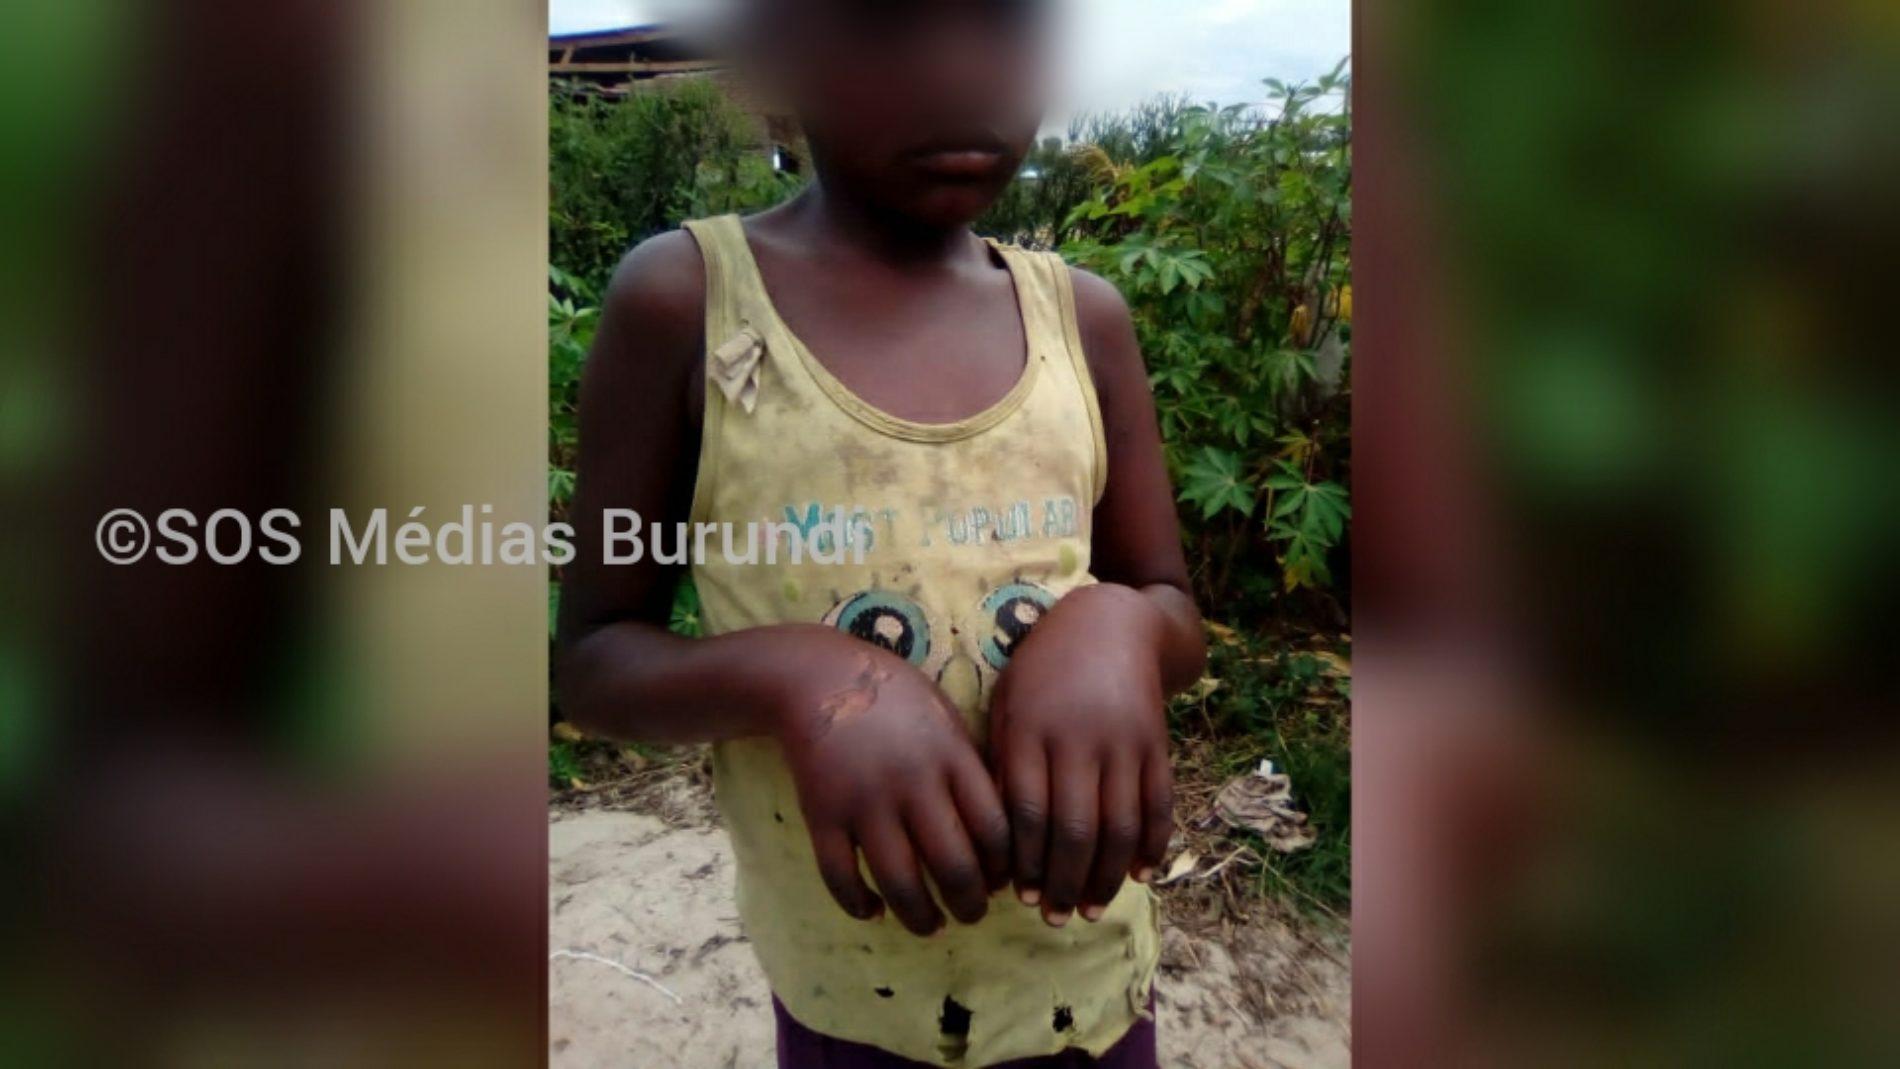 Gihanga : un chef de colline et membre de la ligue des Imbonerakure brûle une fillette, des habitants exigent qu'il soit puni